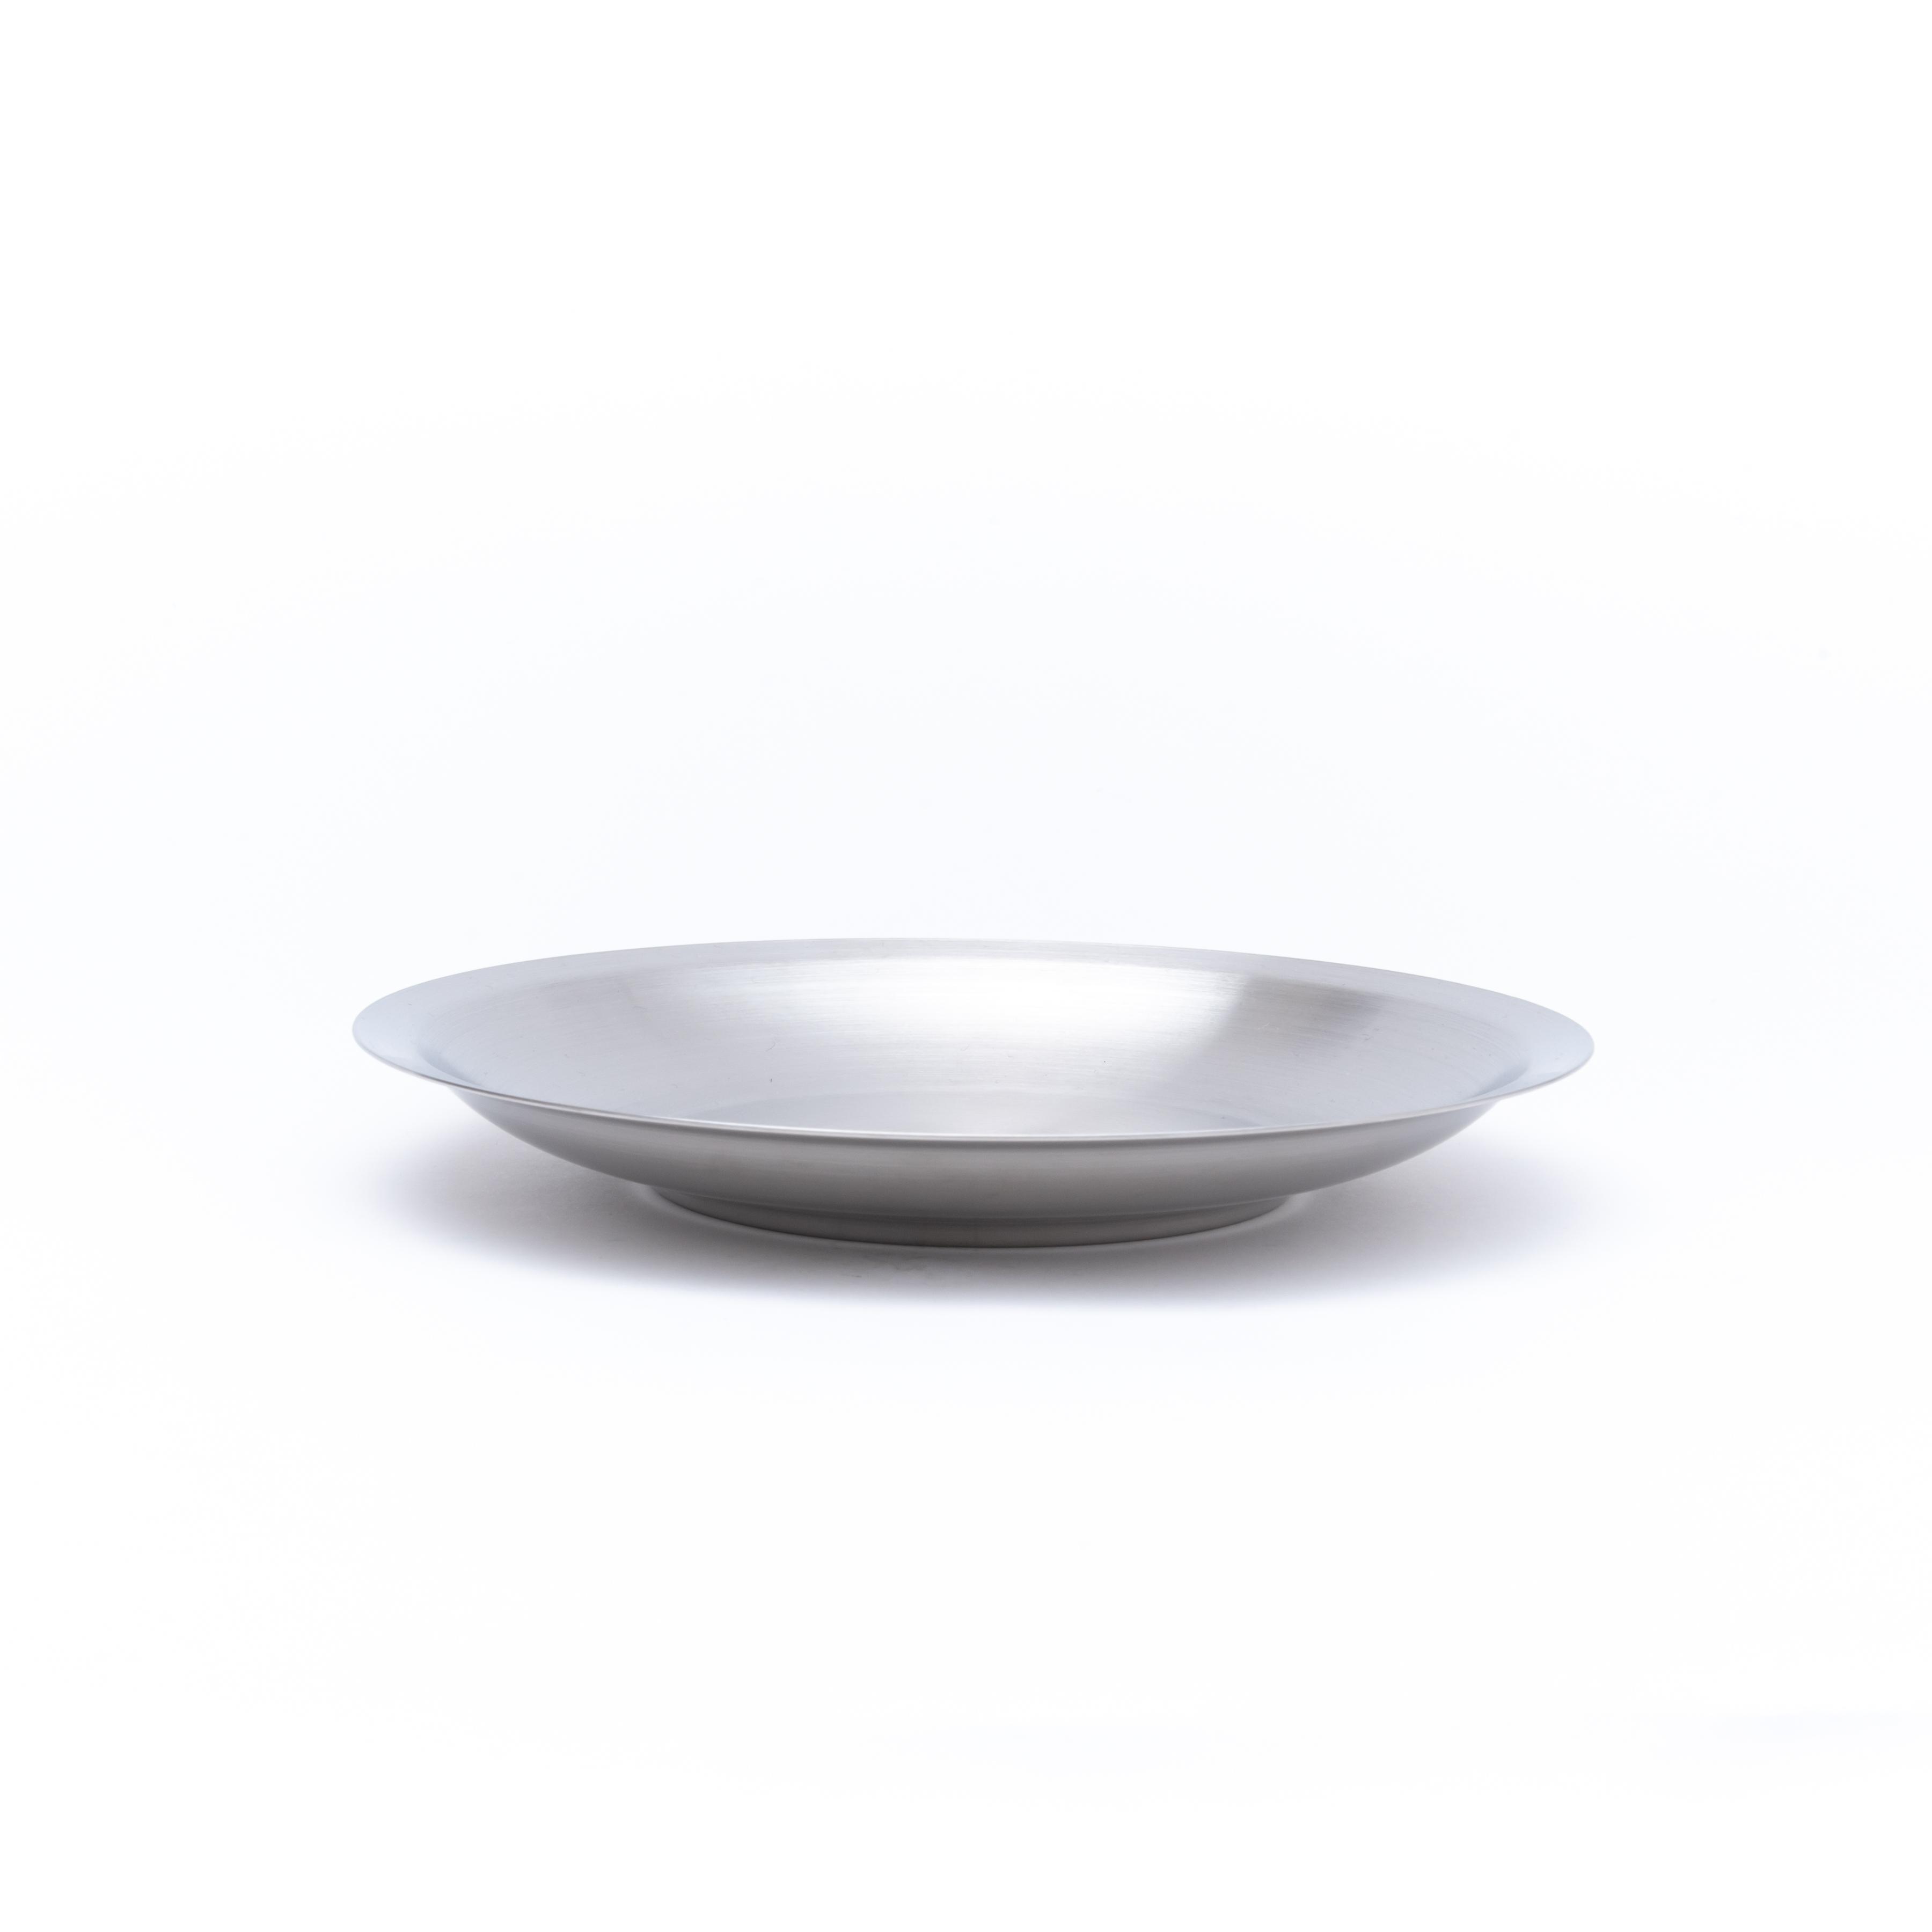 韓国ステンレス食器/平皿(2号)【直径23㎝/高さ2.7㎝】